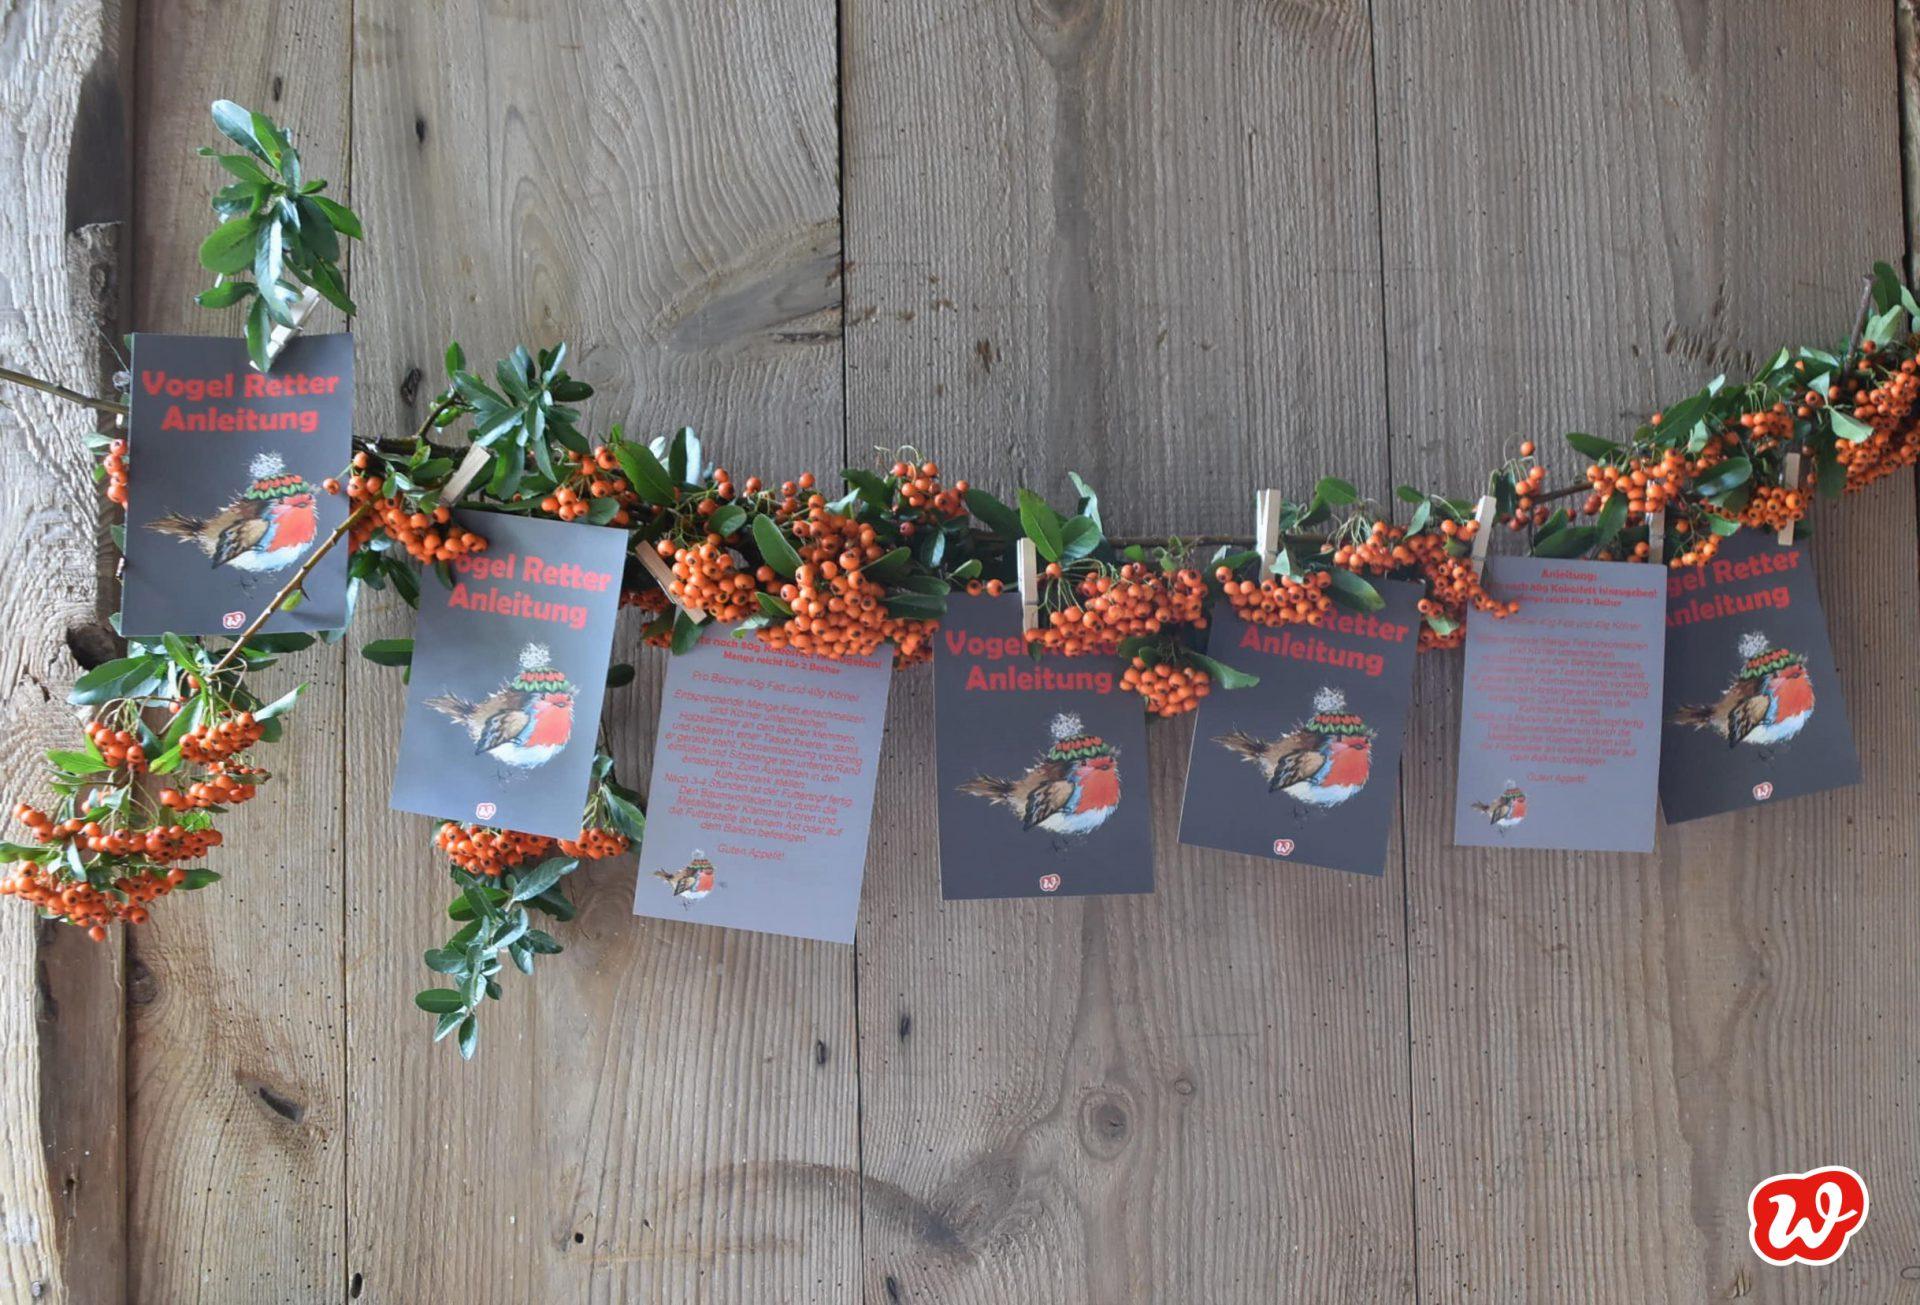 Wunderle Vogelrettung, Vogelfreunde, Vogelfreude, Postkarte, Wunderledetail, Vogelfütterung, Geschenkideen, gefertigt in Werkstätten für Menschen mit Behinderung, Kleinigkeit, DIY